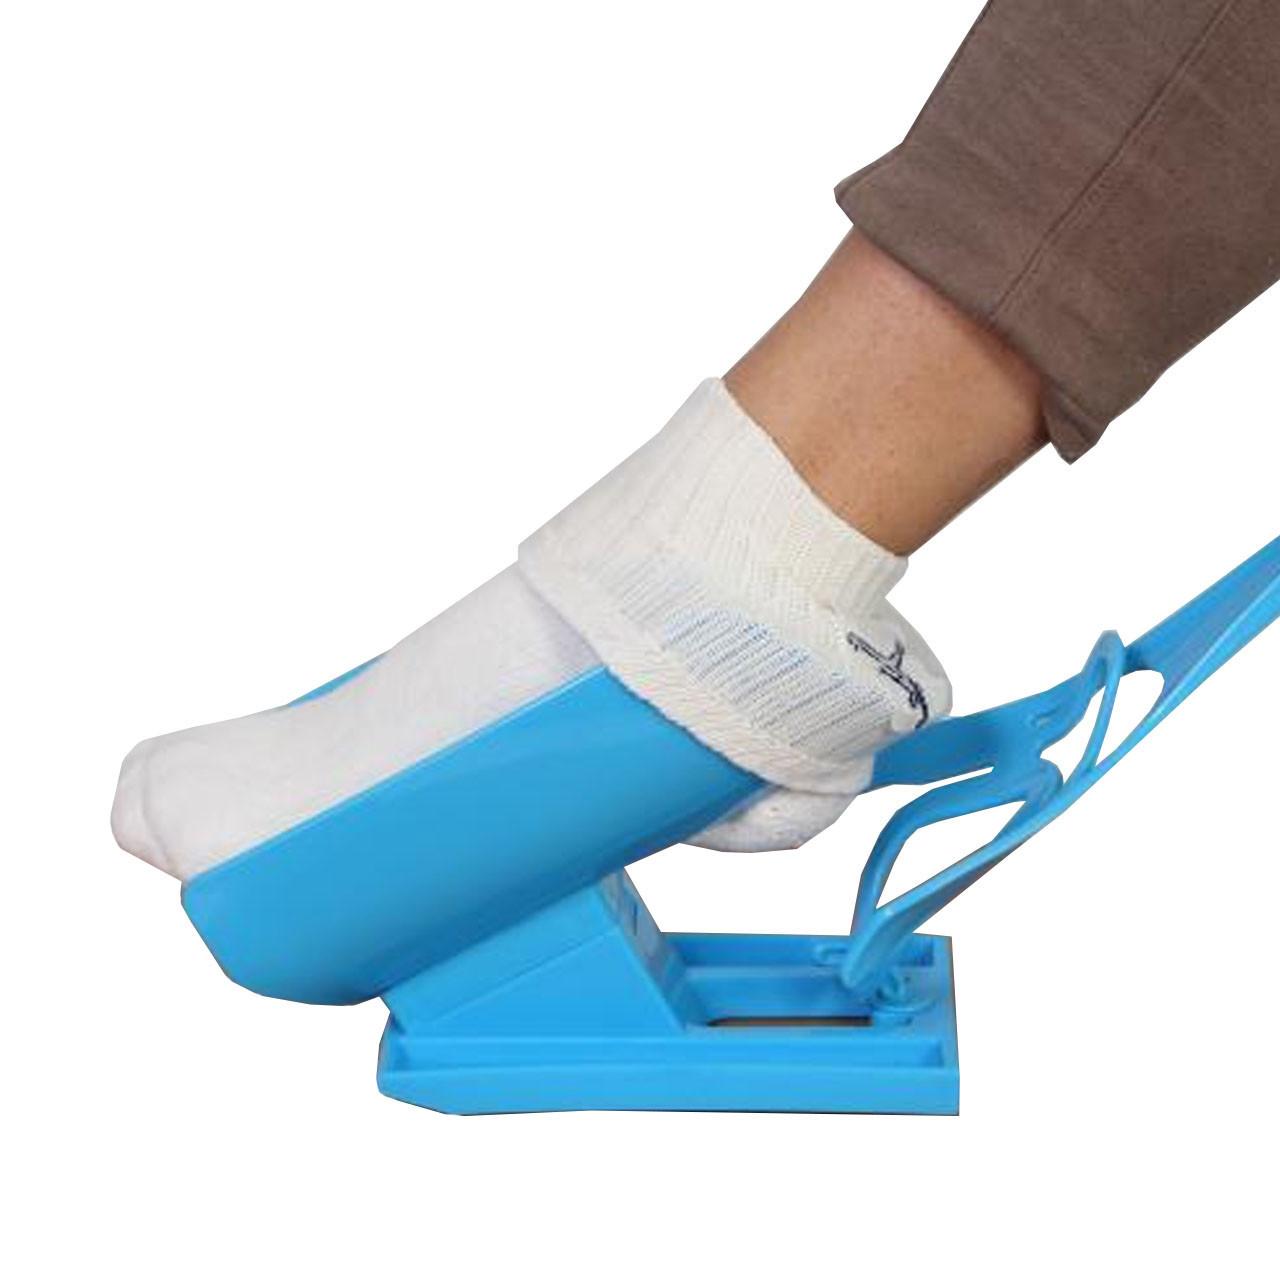 Допоміжне пристосування Sock Slider для одягання шкарпеток (2888-7840)